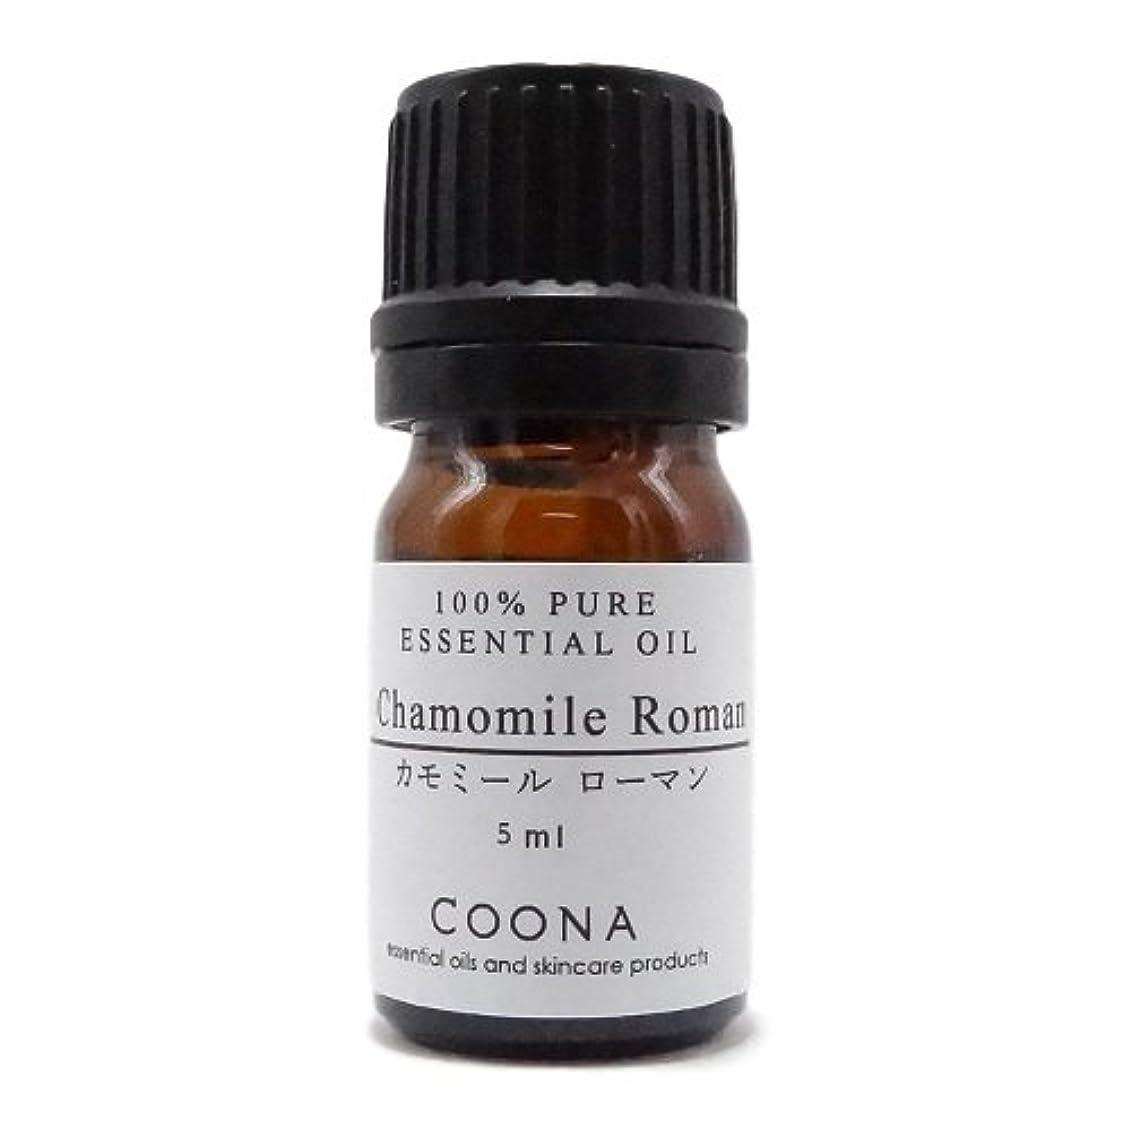 政治学んだフェローシップカモミール ローマン 5 ml (COONA エッセンシャルオイル アロマオイル 100%天然植物精油)